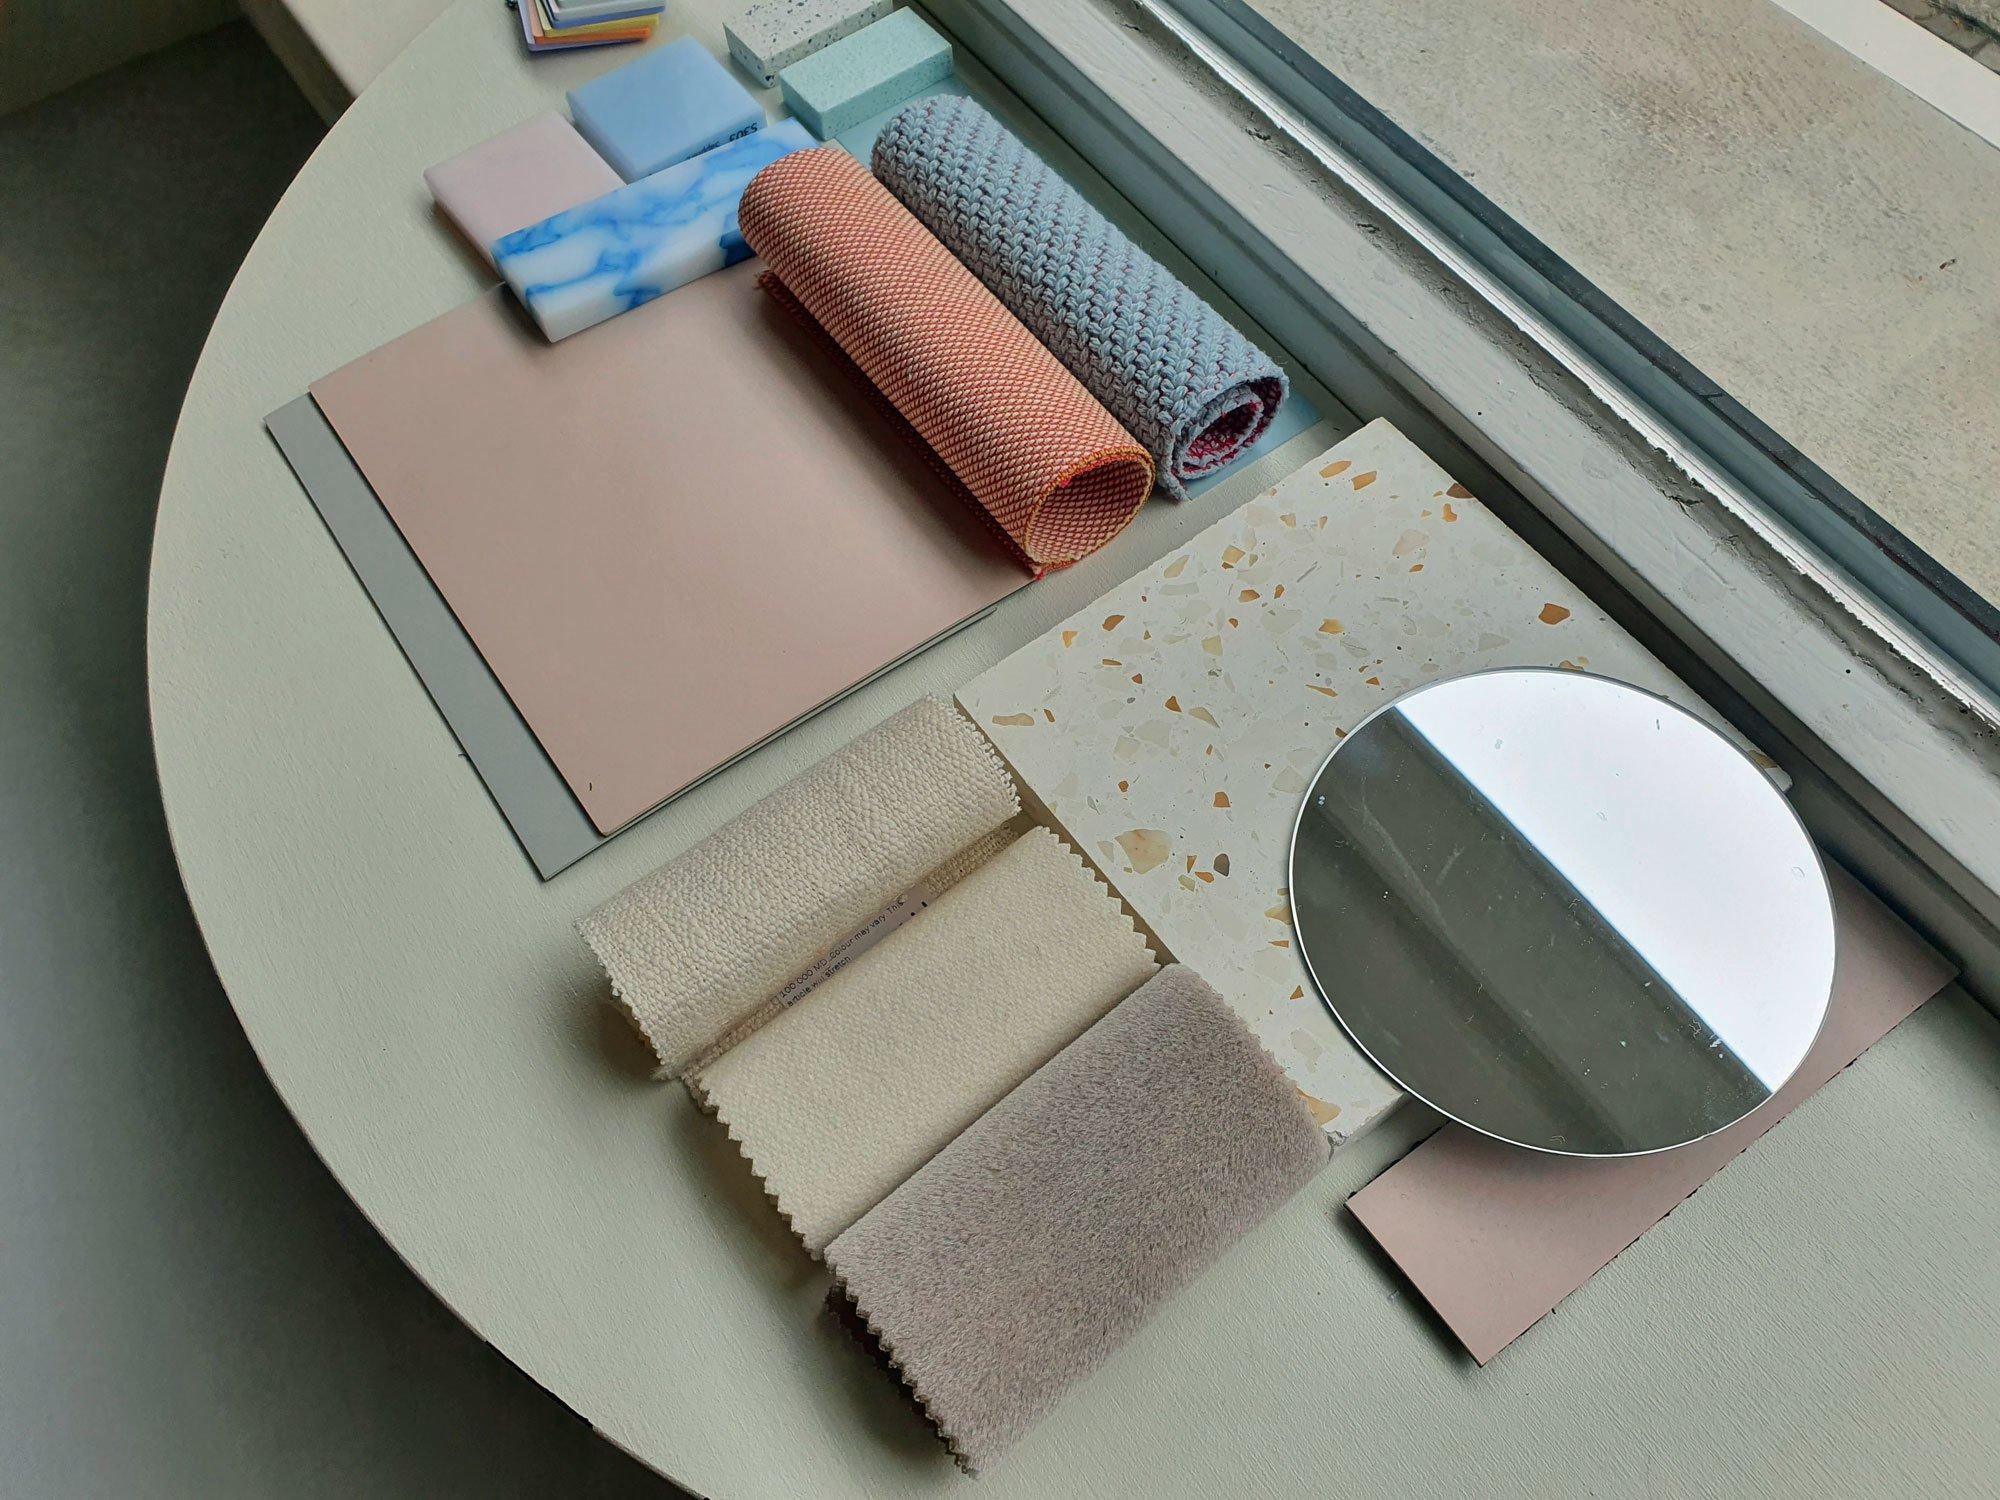 Hereinspaziert! Mood- und Materialboard im Schaufenster. Foto/ Copyright: Claudia Simone Hoff